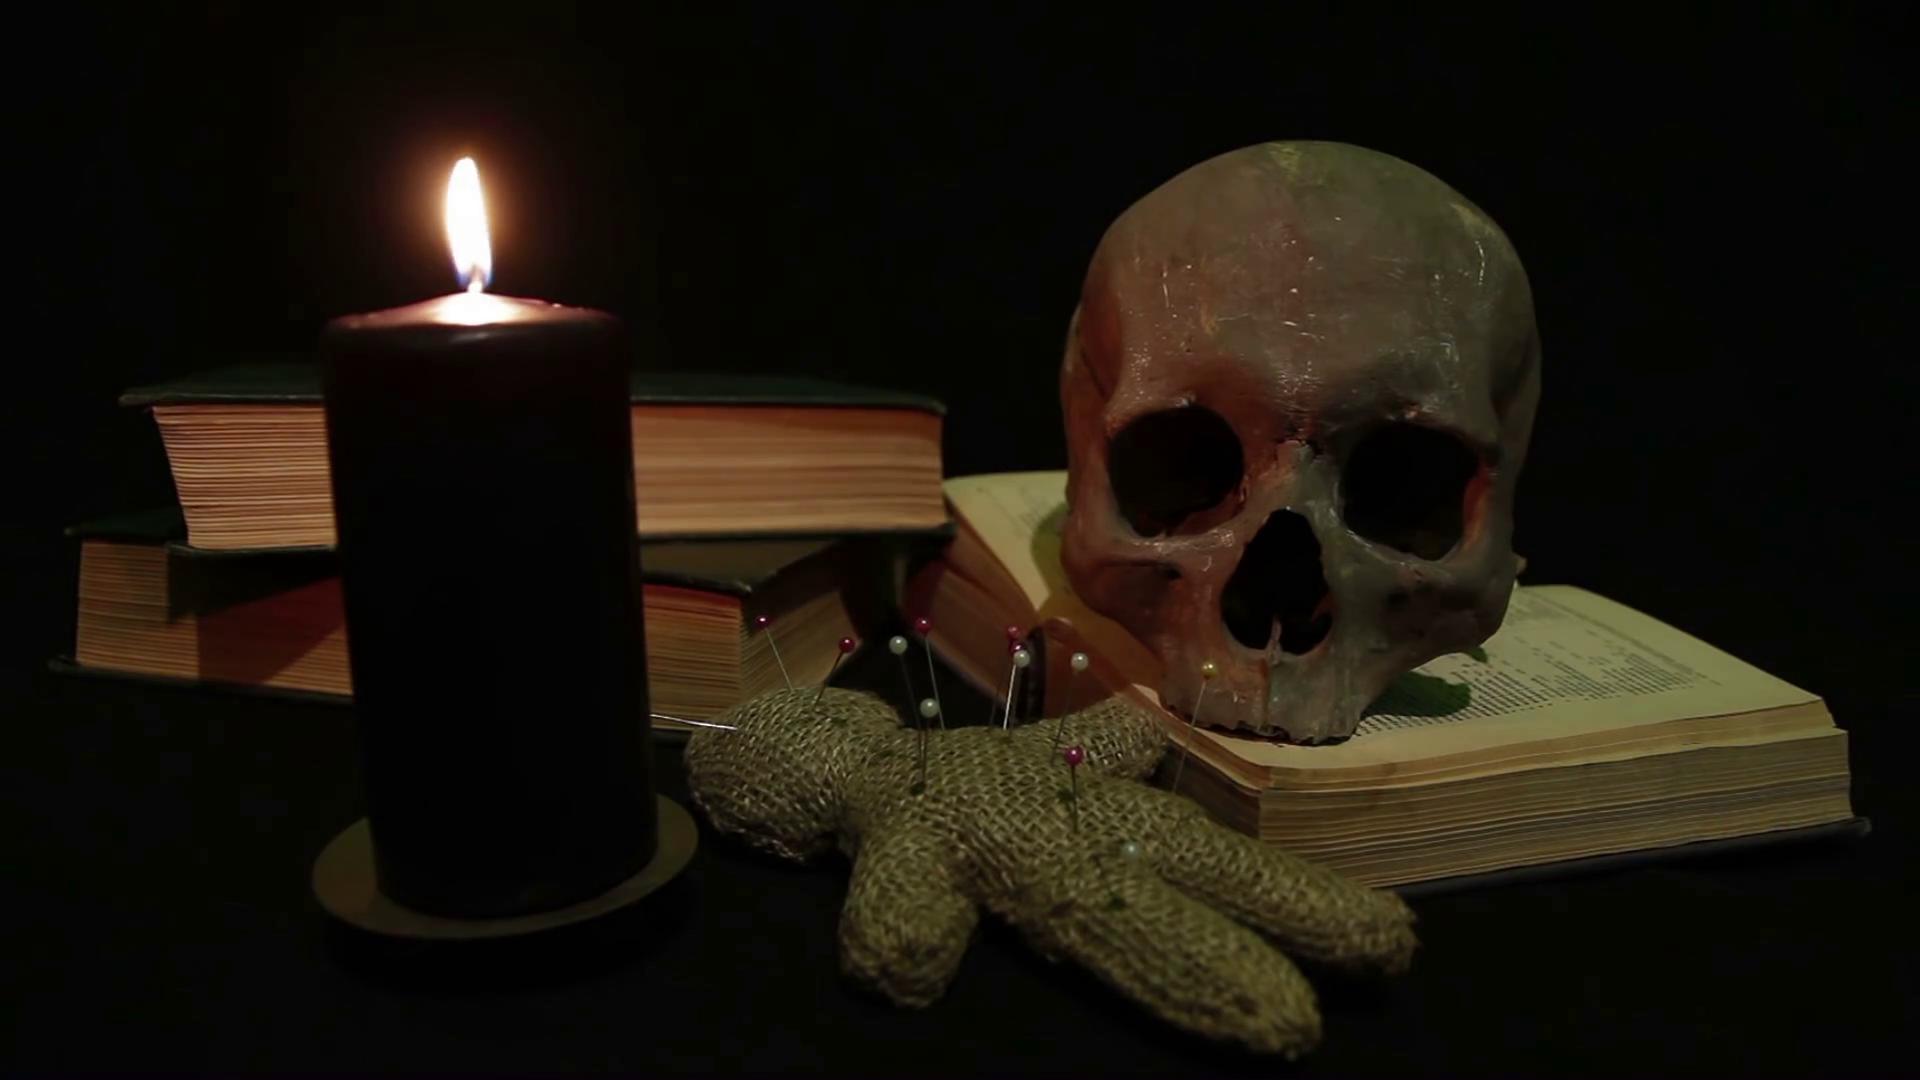 Черные маги предварительно заряжают свечной воск на кладбище